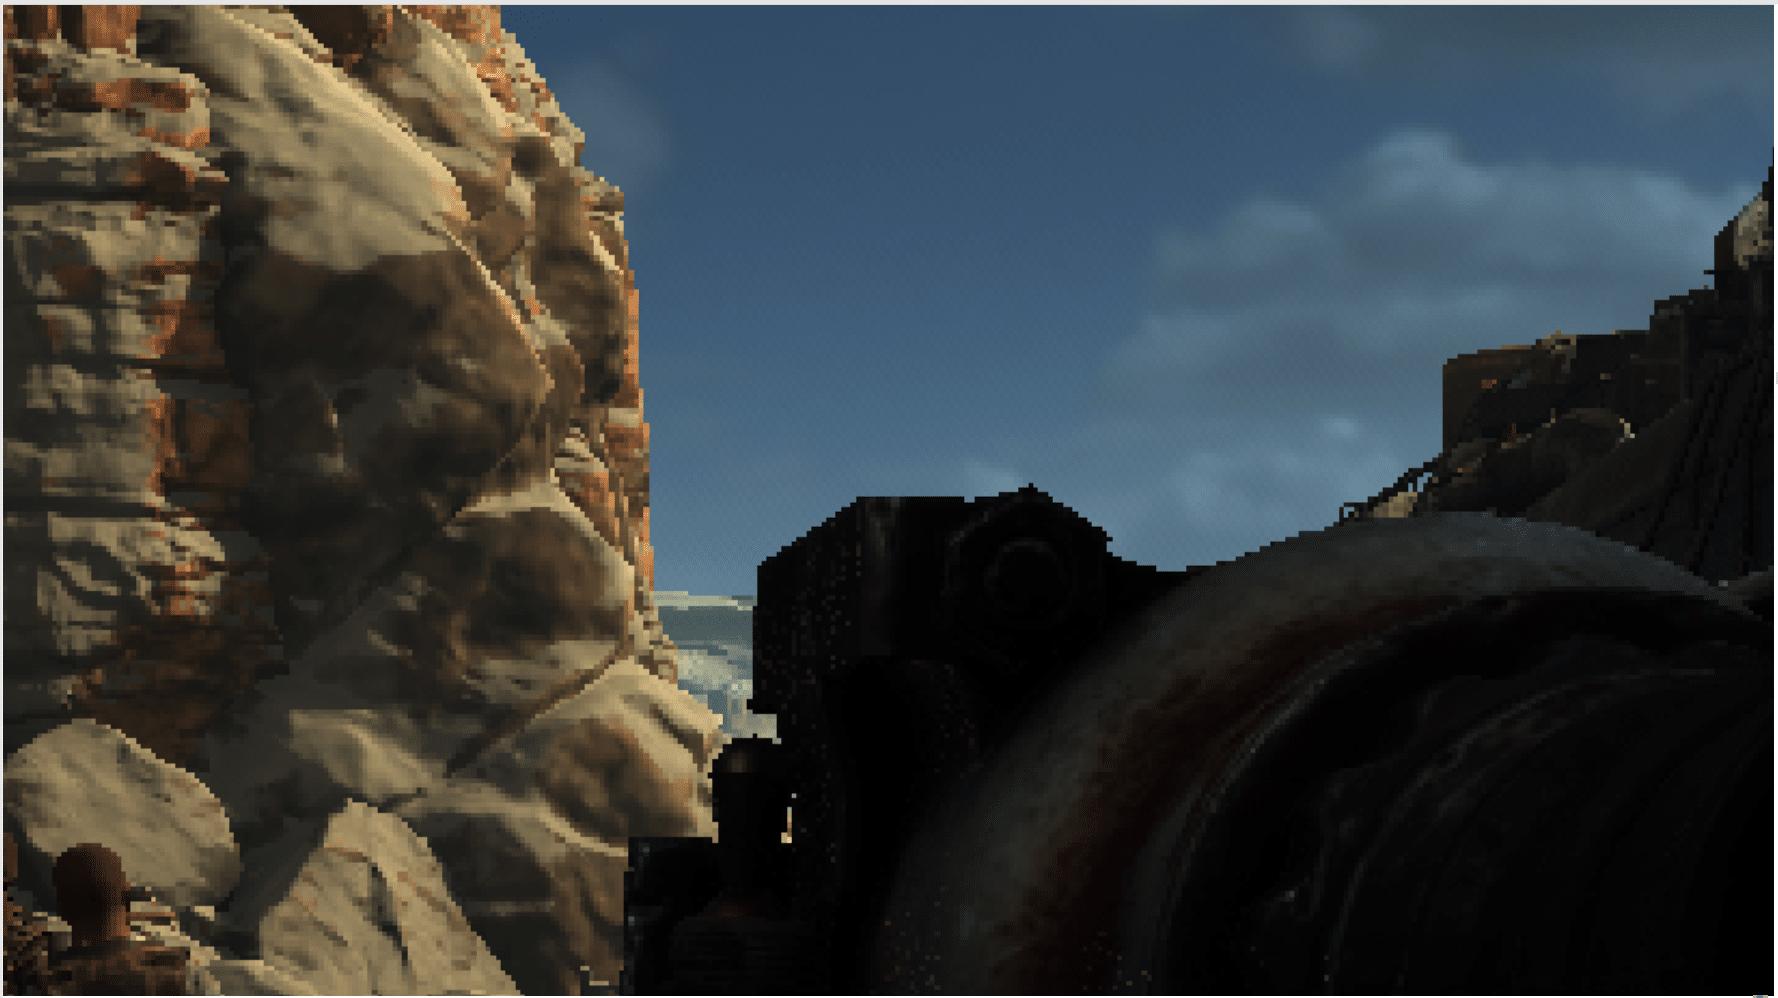 Особенности рендеринга в игре Metro: Exodus c raytracing - 31